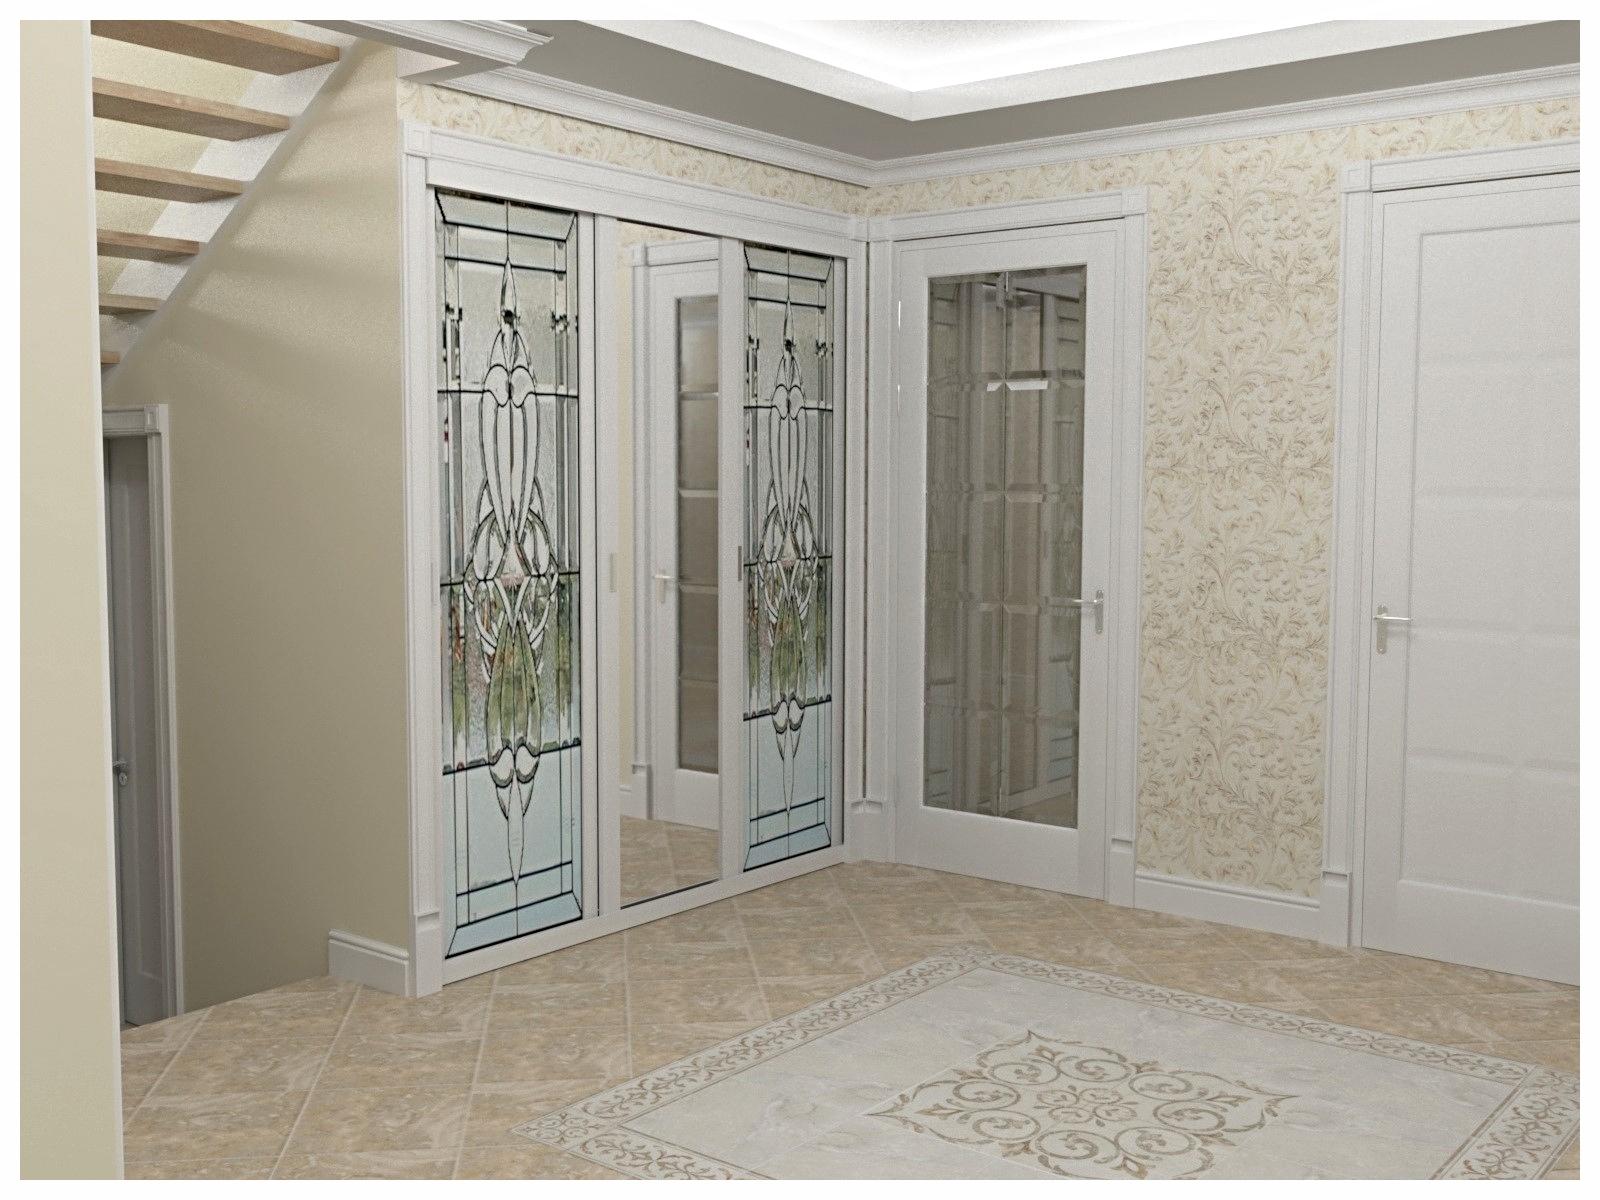 Дизайн интерьеров коттеджа в современной классике. Холл 2.